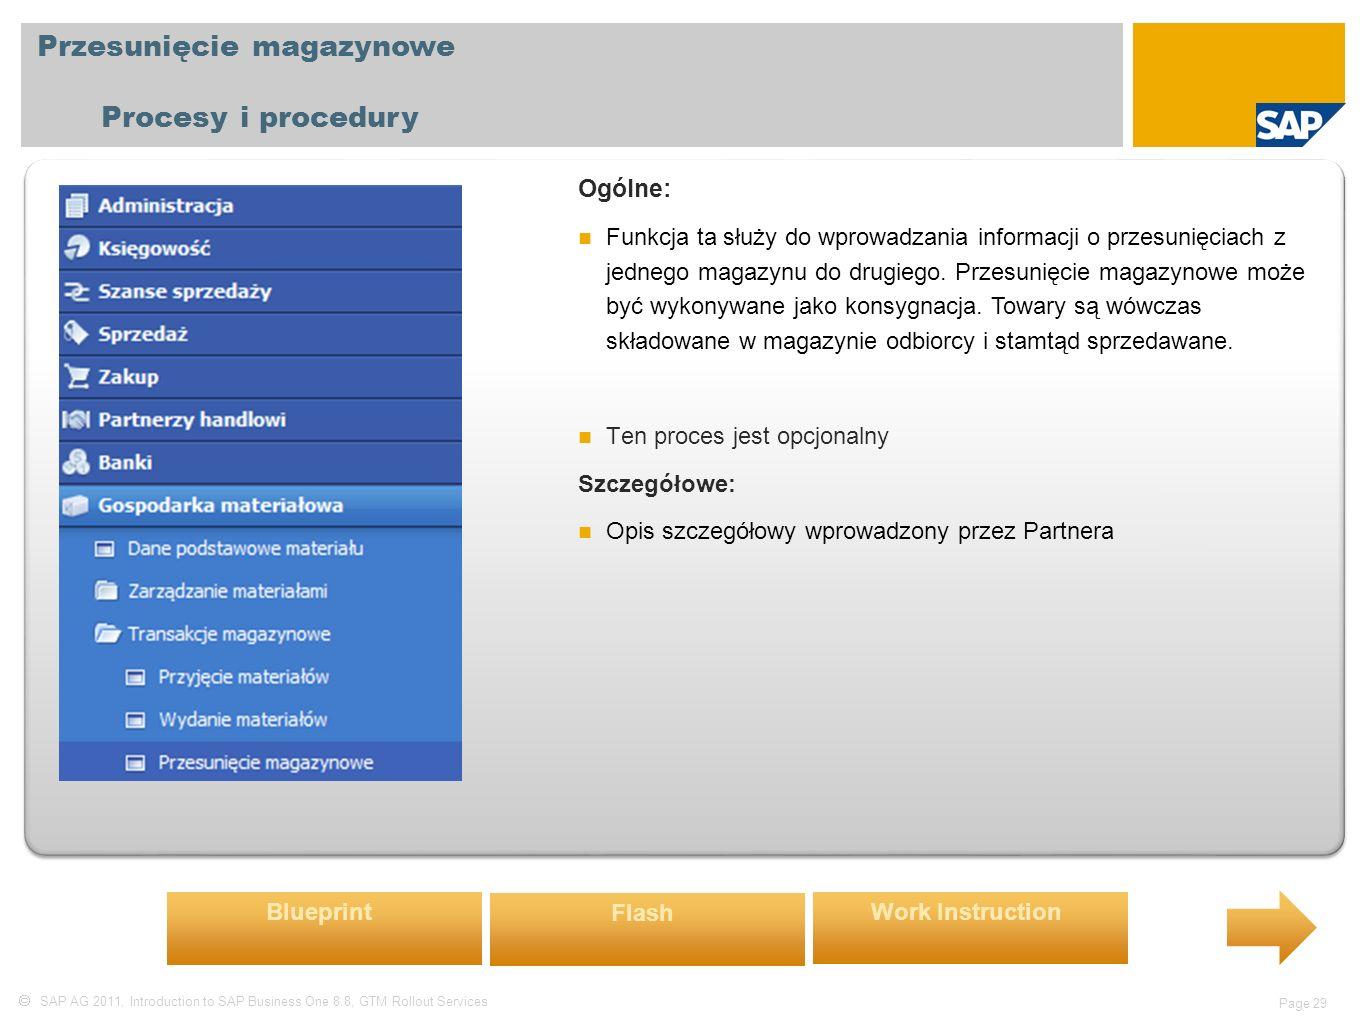  SAP AG 2011, Introduction to SAP Business One 8.8, GTM Rollout Services Page 29 Przesunięcie magazynowe Procesy i procedury Ogólne: Funkcja ta służy do wprowadzania informacji o przesunięciach z jednego magazynu do drugiego.